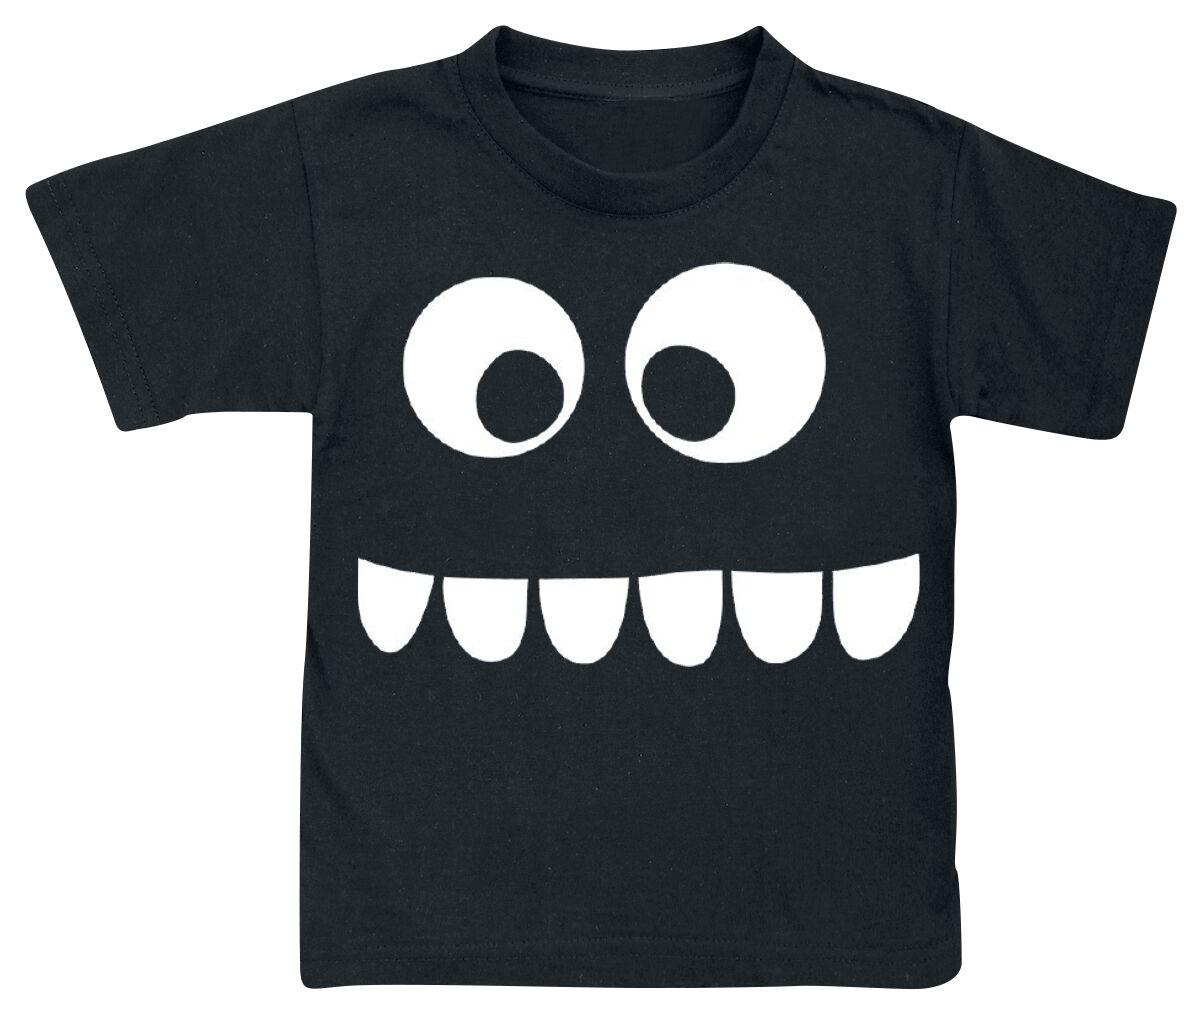 Fun Shirts - Odzież dziecięca i niemowlęca - Koszulka dziecięca Grumpfi Glow In The Dark Koszulka dziecięca czarny - 349691